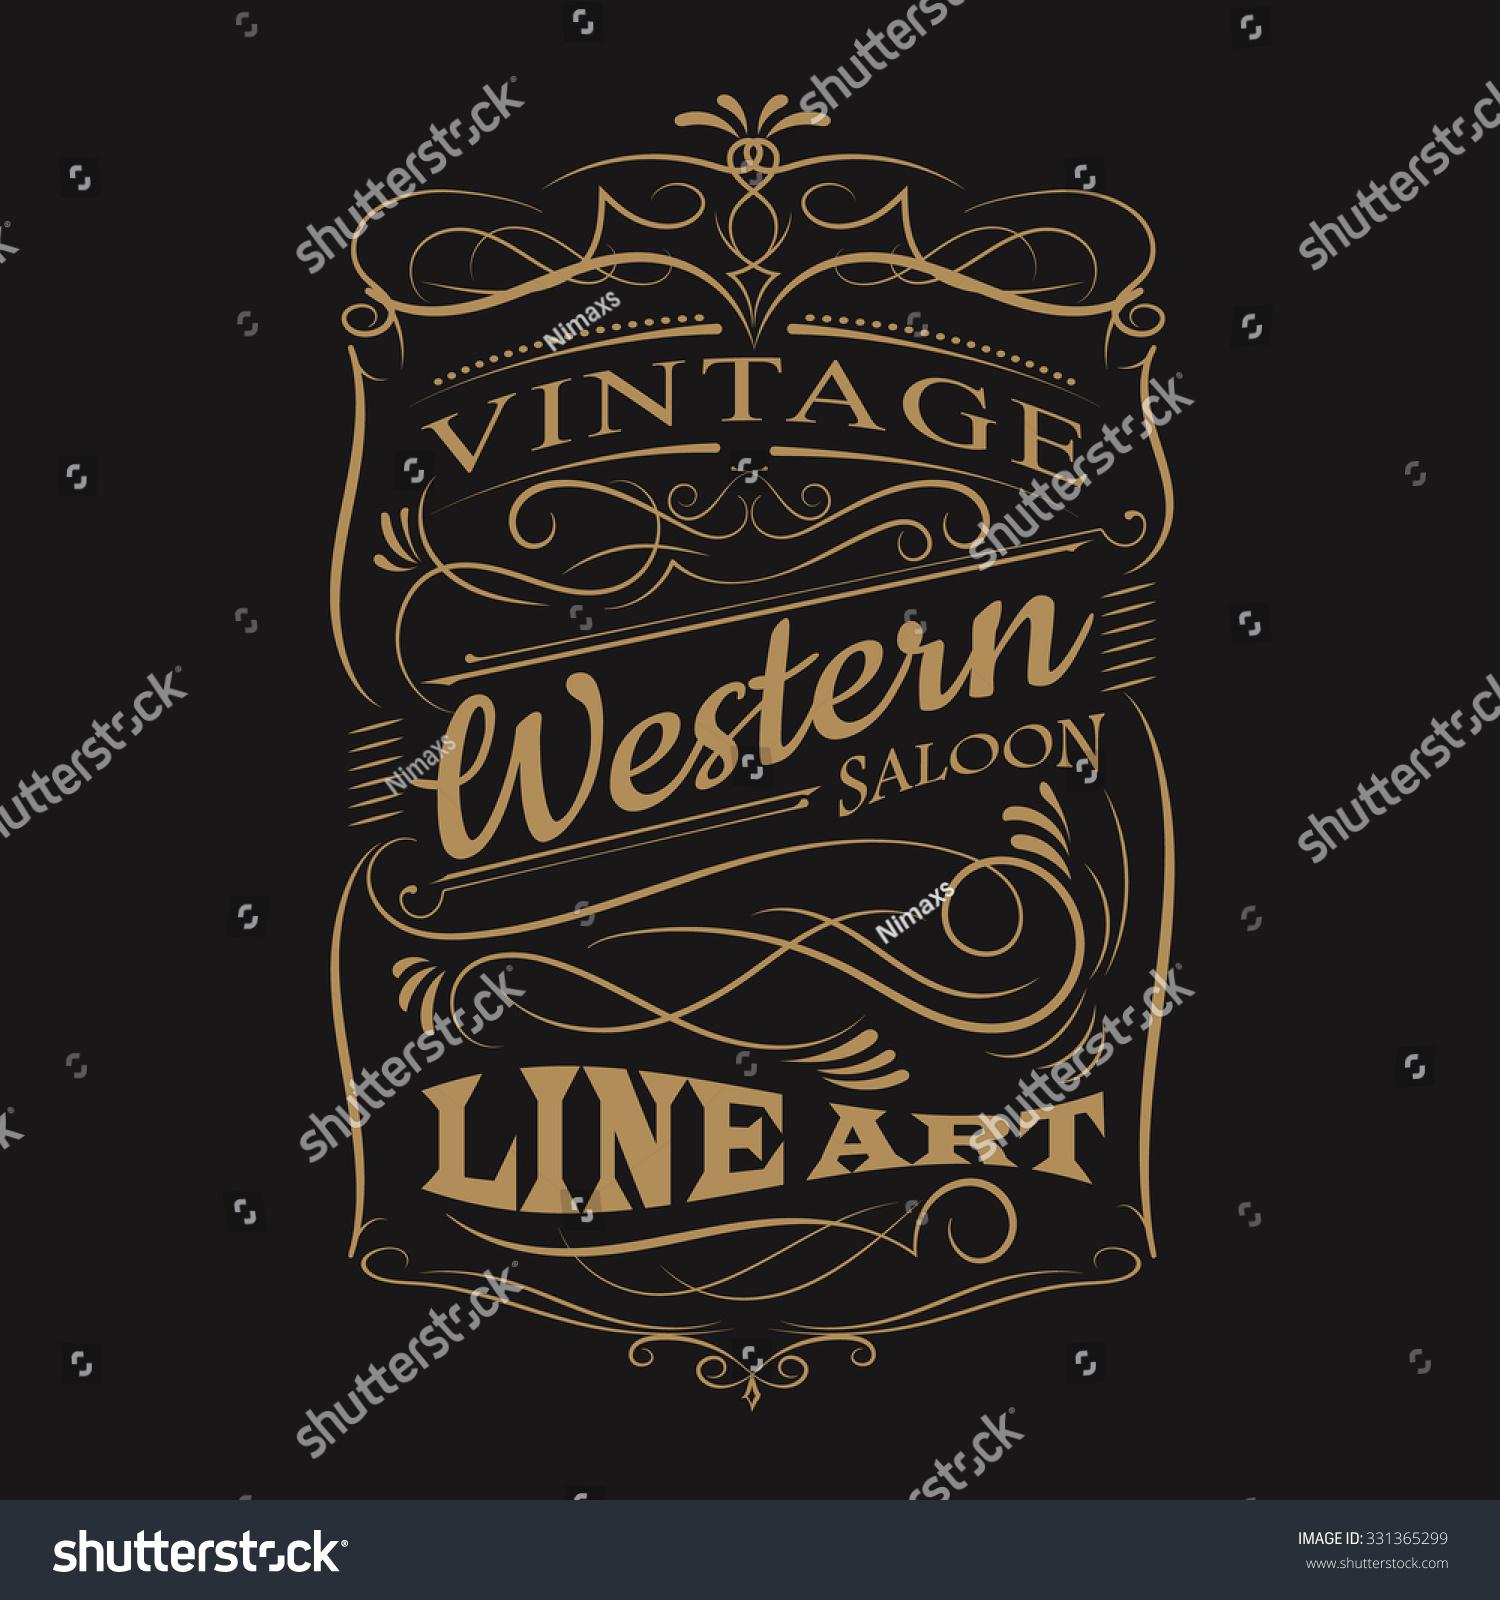 Shirt design vintage - Vintage Label Typography Western Hand Drawn Frame T Shirt Design Vectors